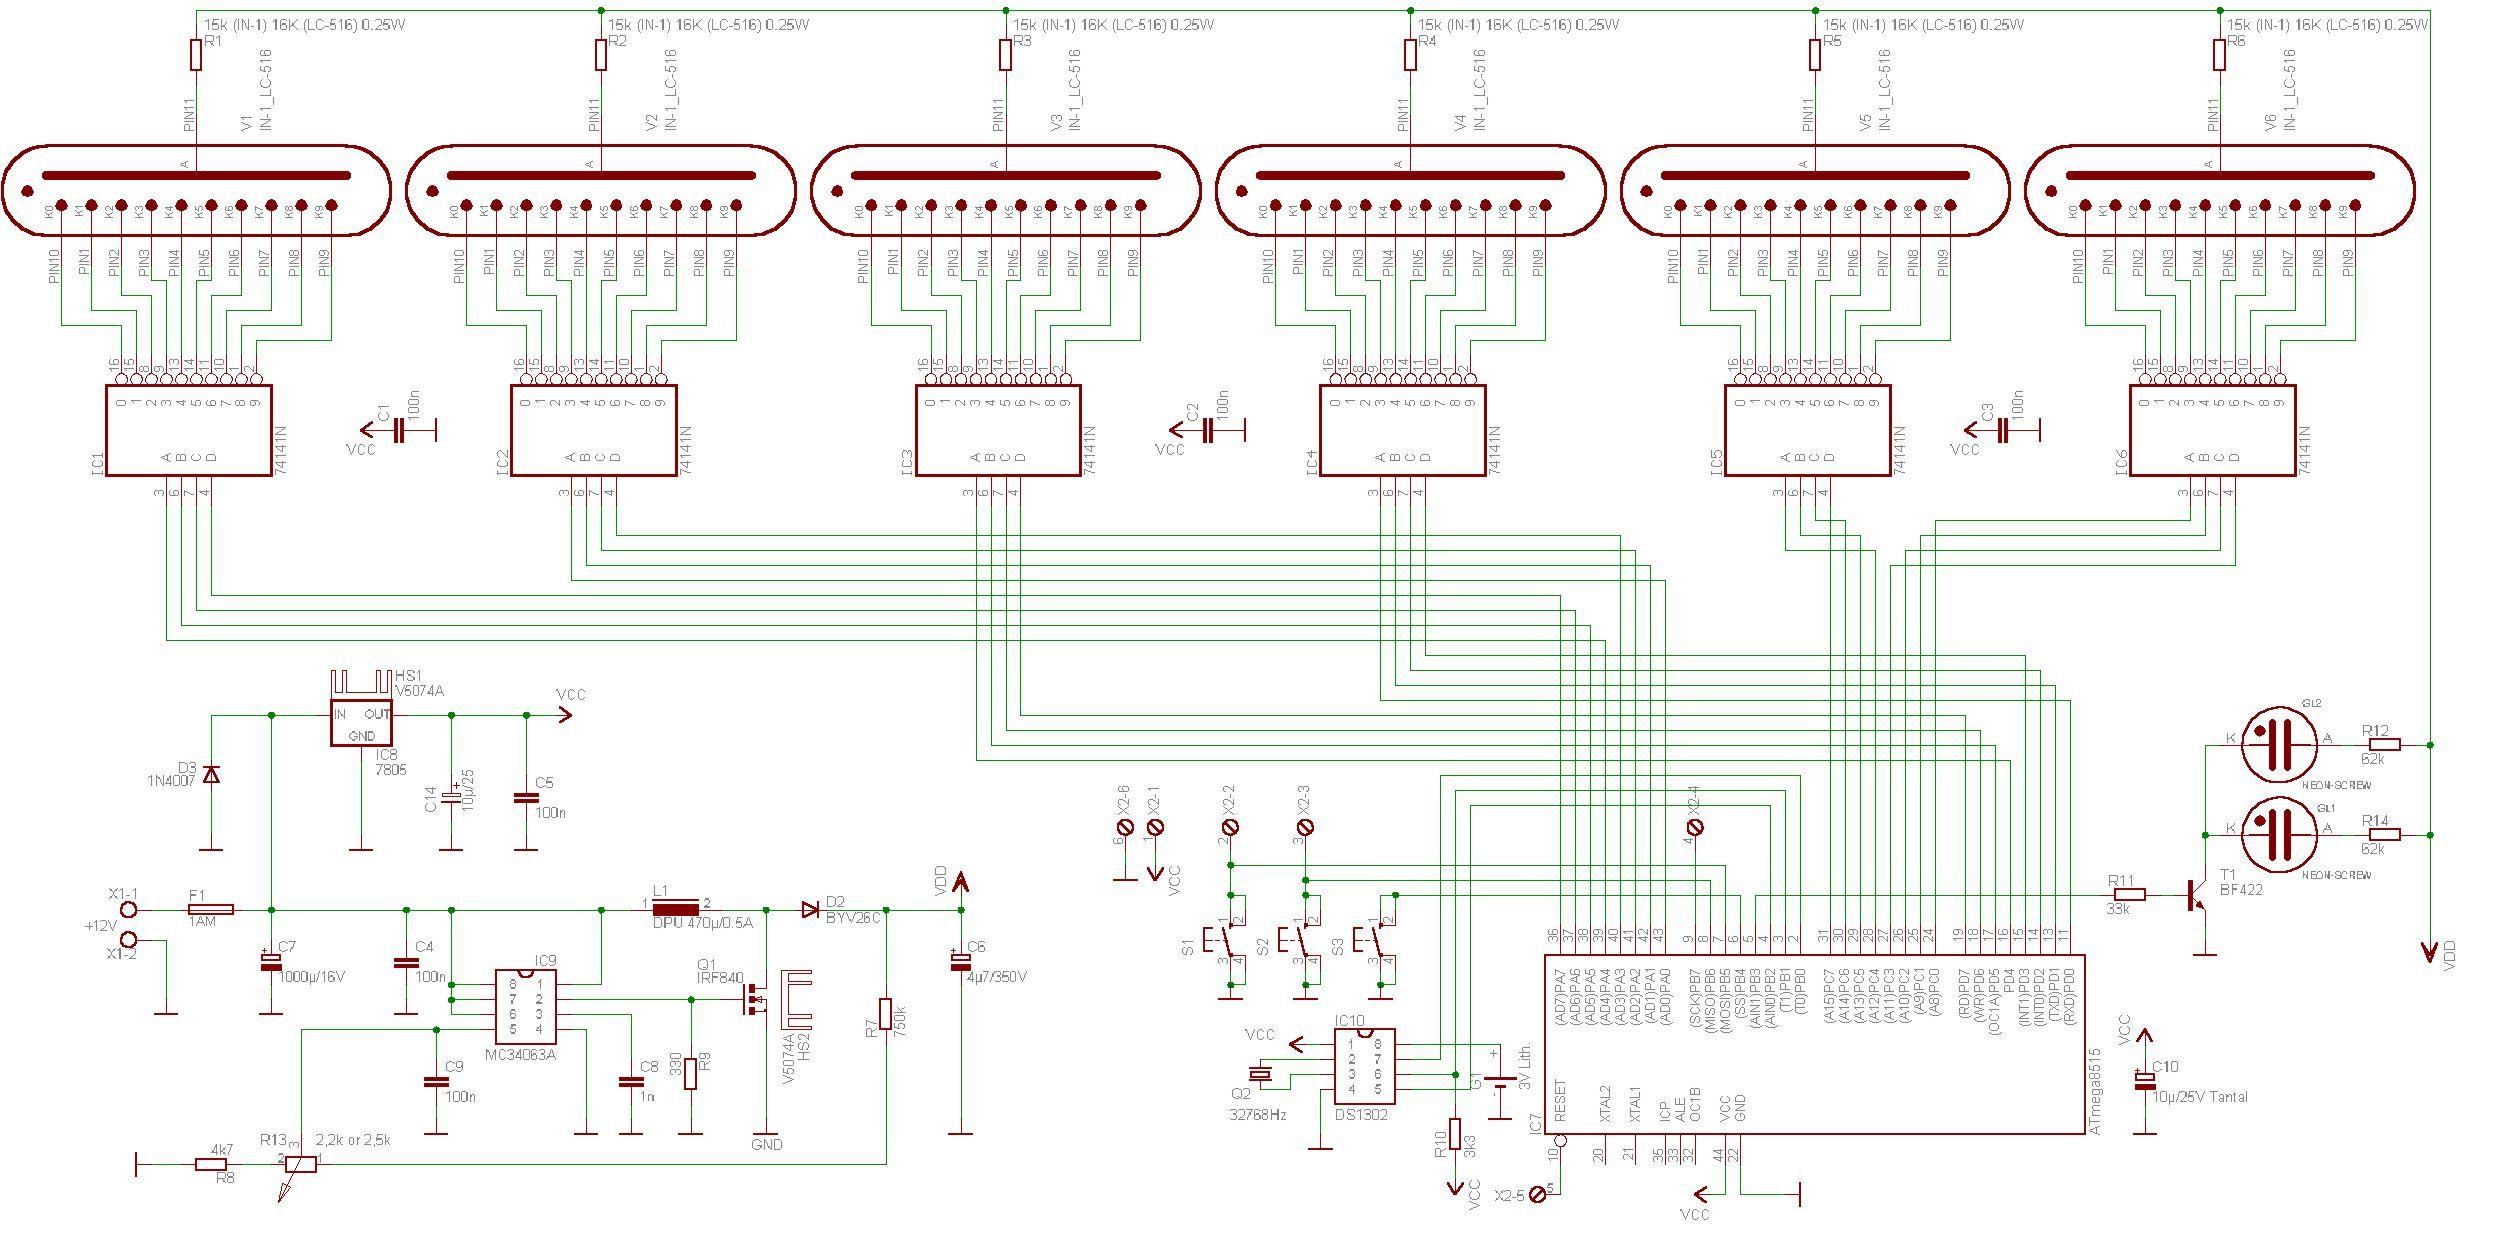 hight resolution of nixietube clock schematic wiring diagram todaynixie tube clock schematics diagram data schema pic nixie clock schematic